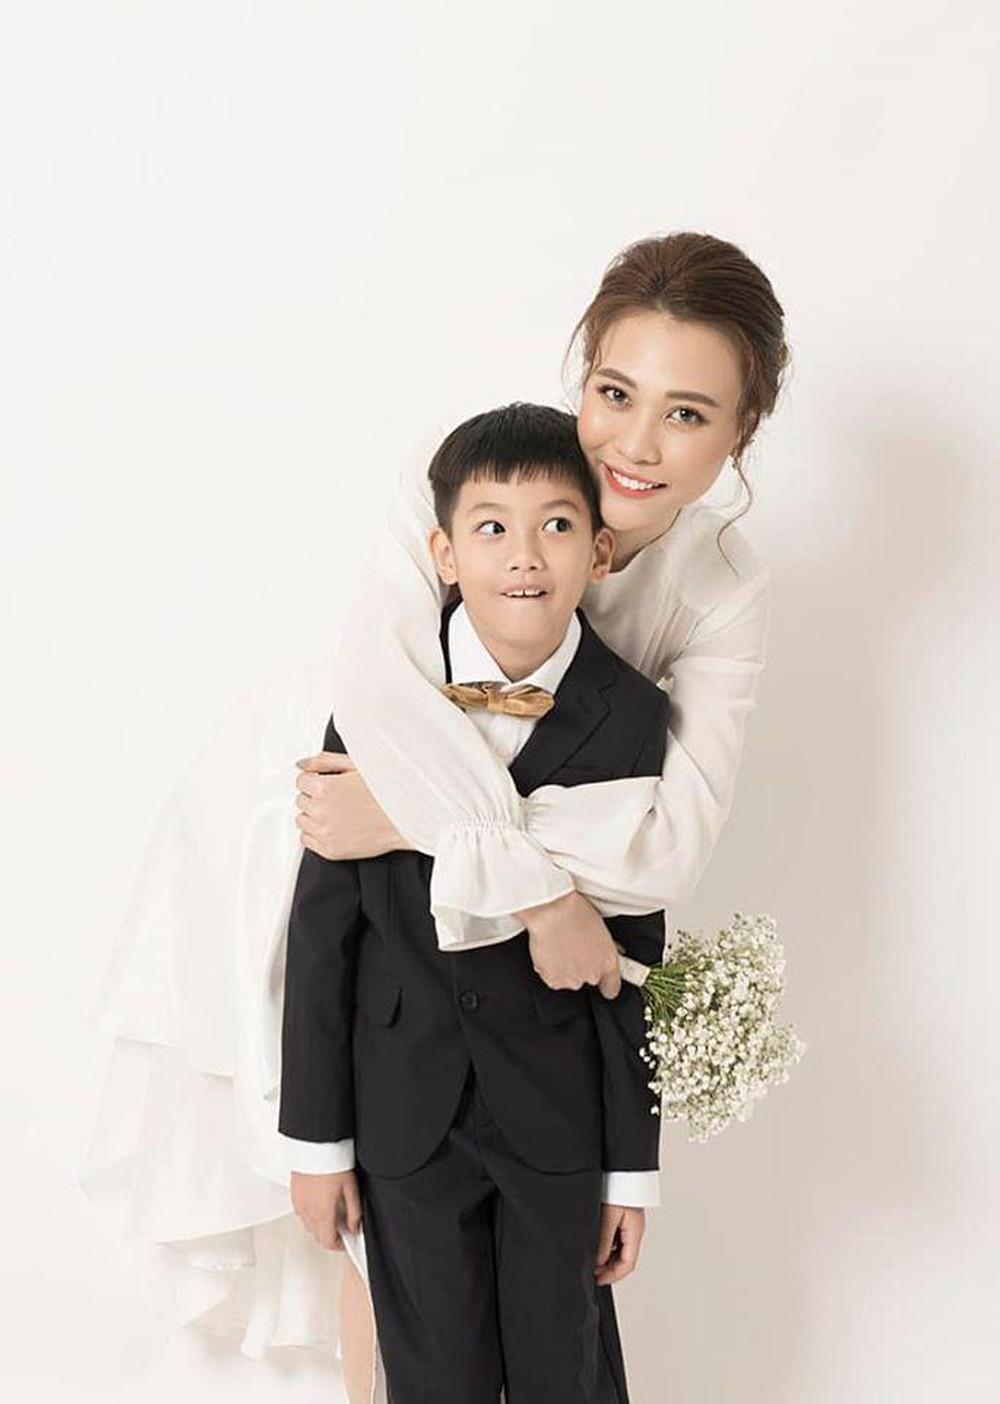 Phản ứng của con sao Việt khi bố mẹ có tình mới: Subeo đầy khoảnh khắc ngọt ngào bên Kim Lý và Đàm Thu Trang, bất ngờ nhất là chia sẻ của con trai Chi Bảo - Ảnh 4